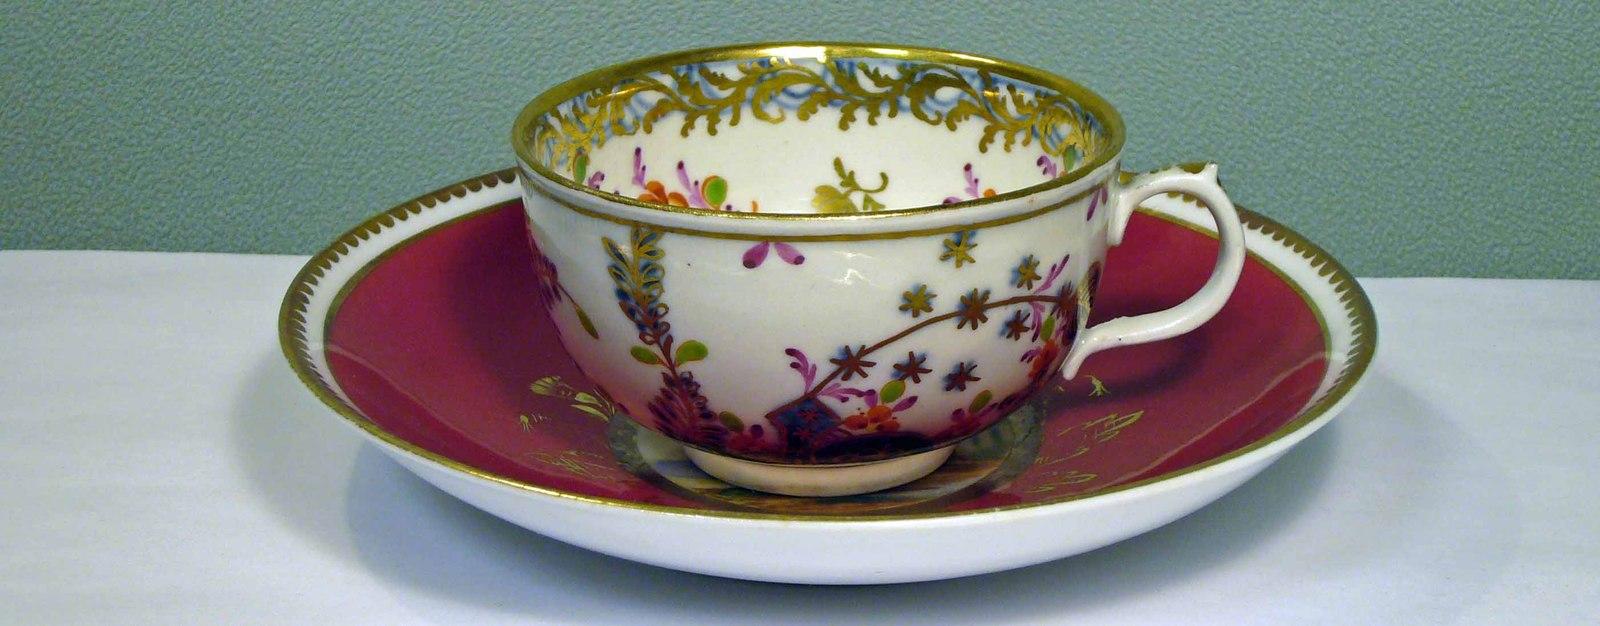 Viennese_porcelain_010